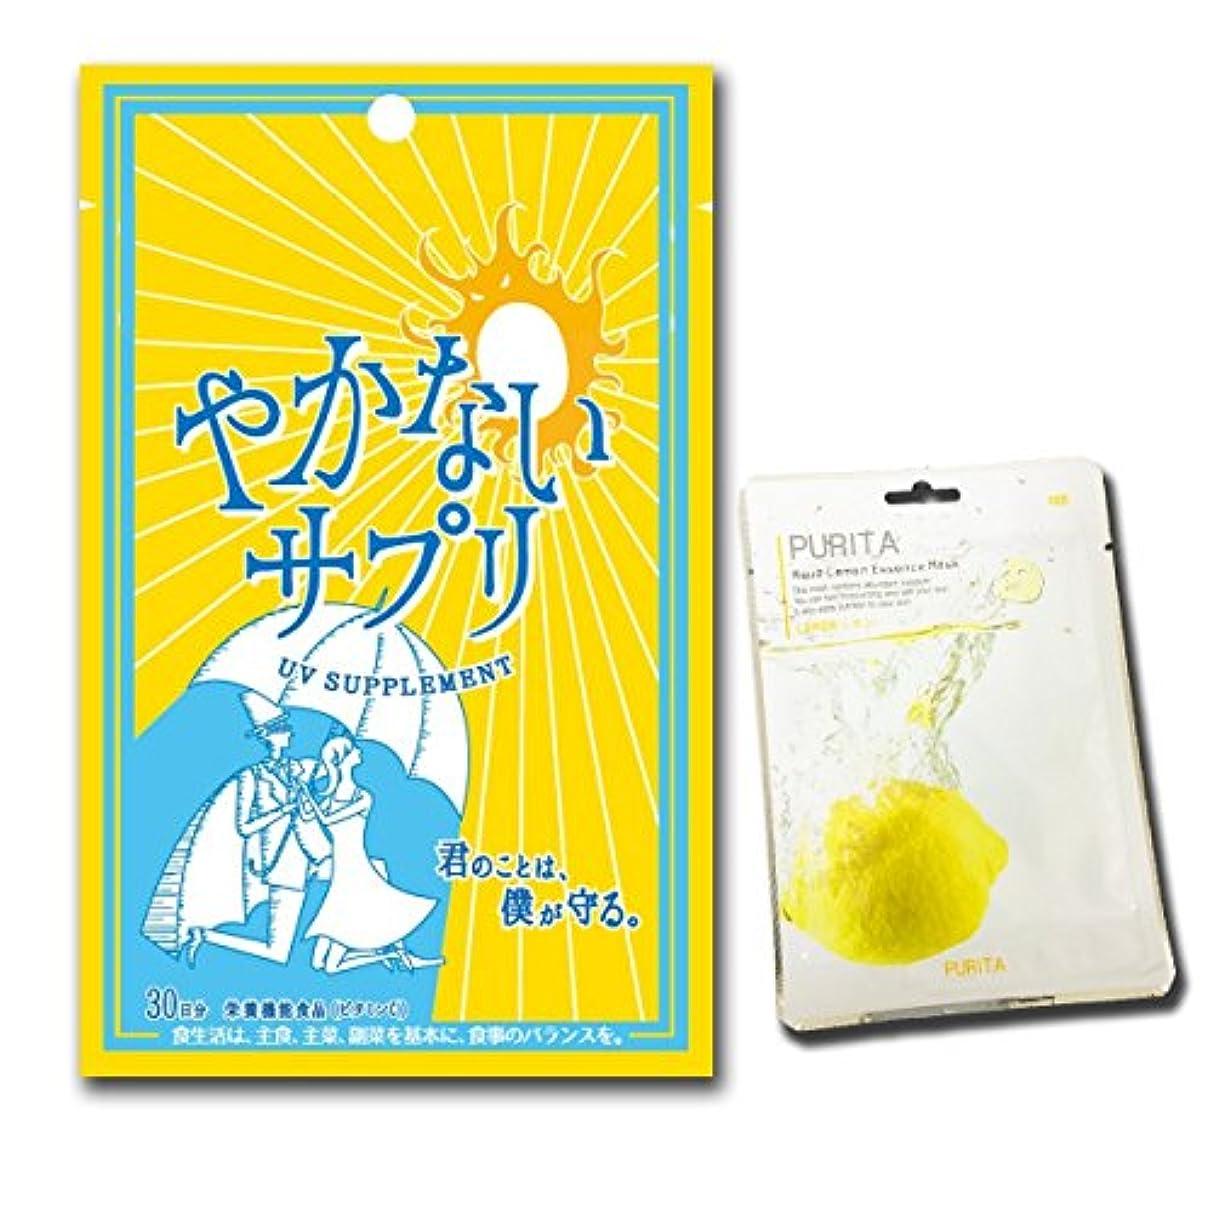 かわす外観瞑想飲む日焼け止め やかないサプリ 日本製 (30粒/30日分) PURITAフェイスマスク1枚付